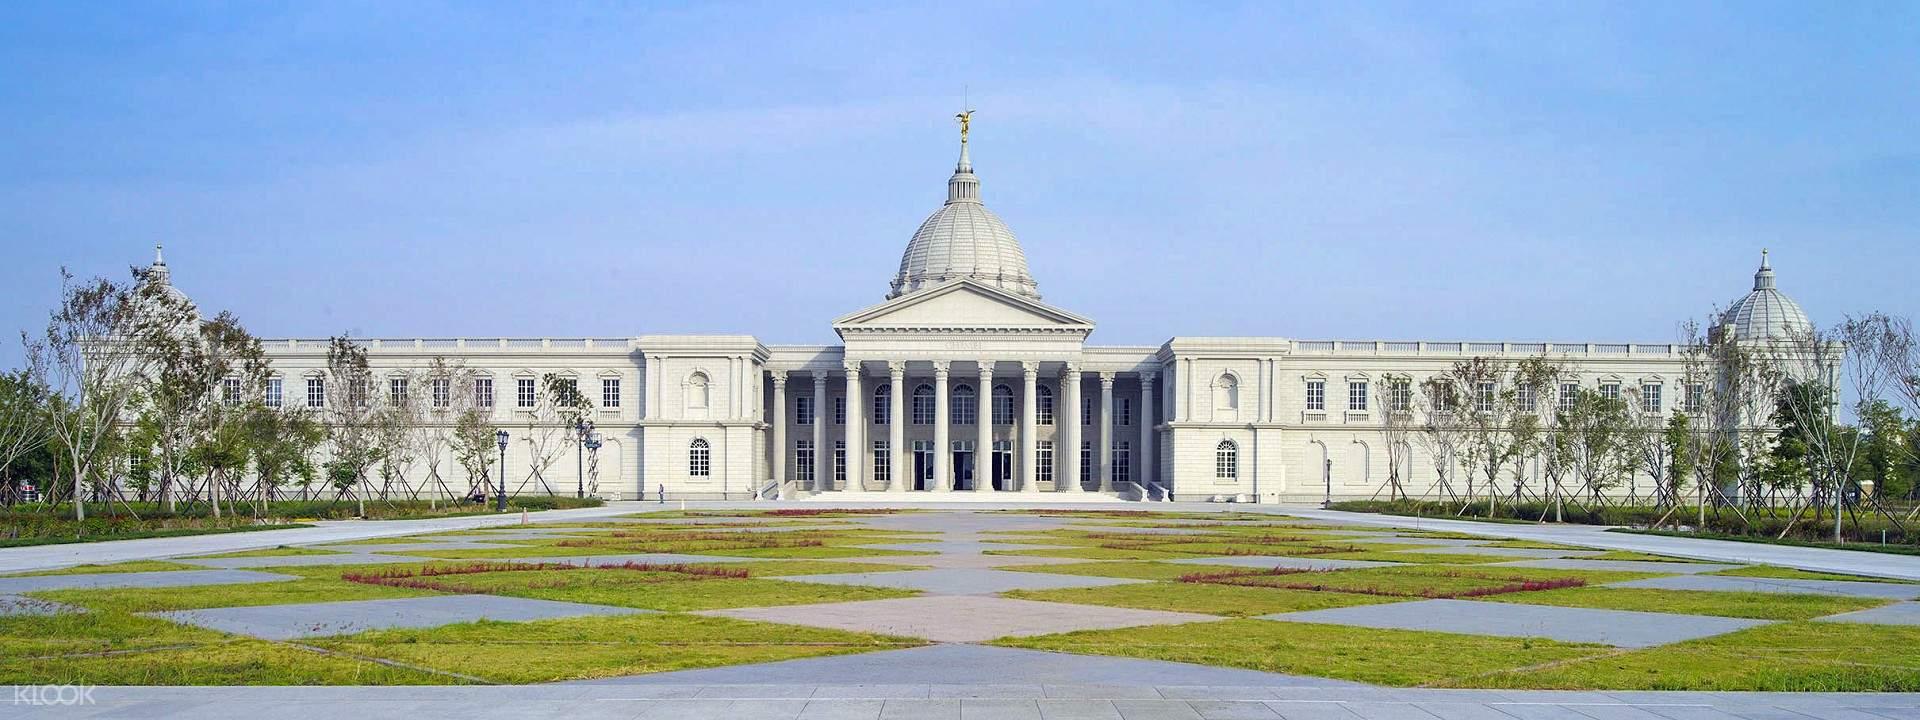 奇美博物館的建築外觀以希臘神話故事為主題,頗具西洋美學風格